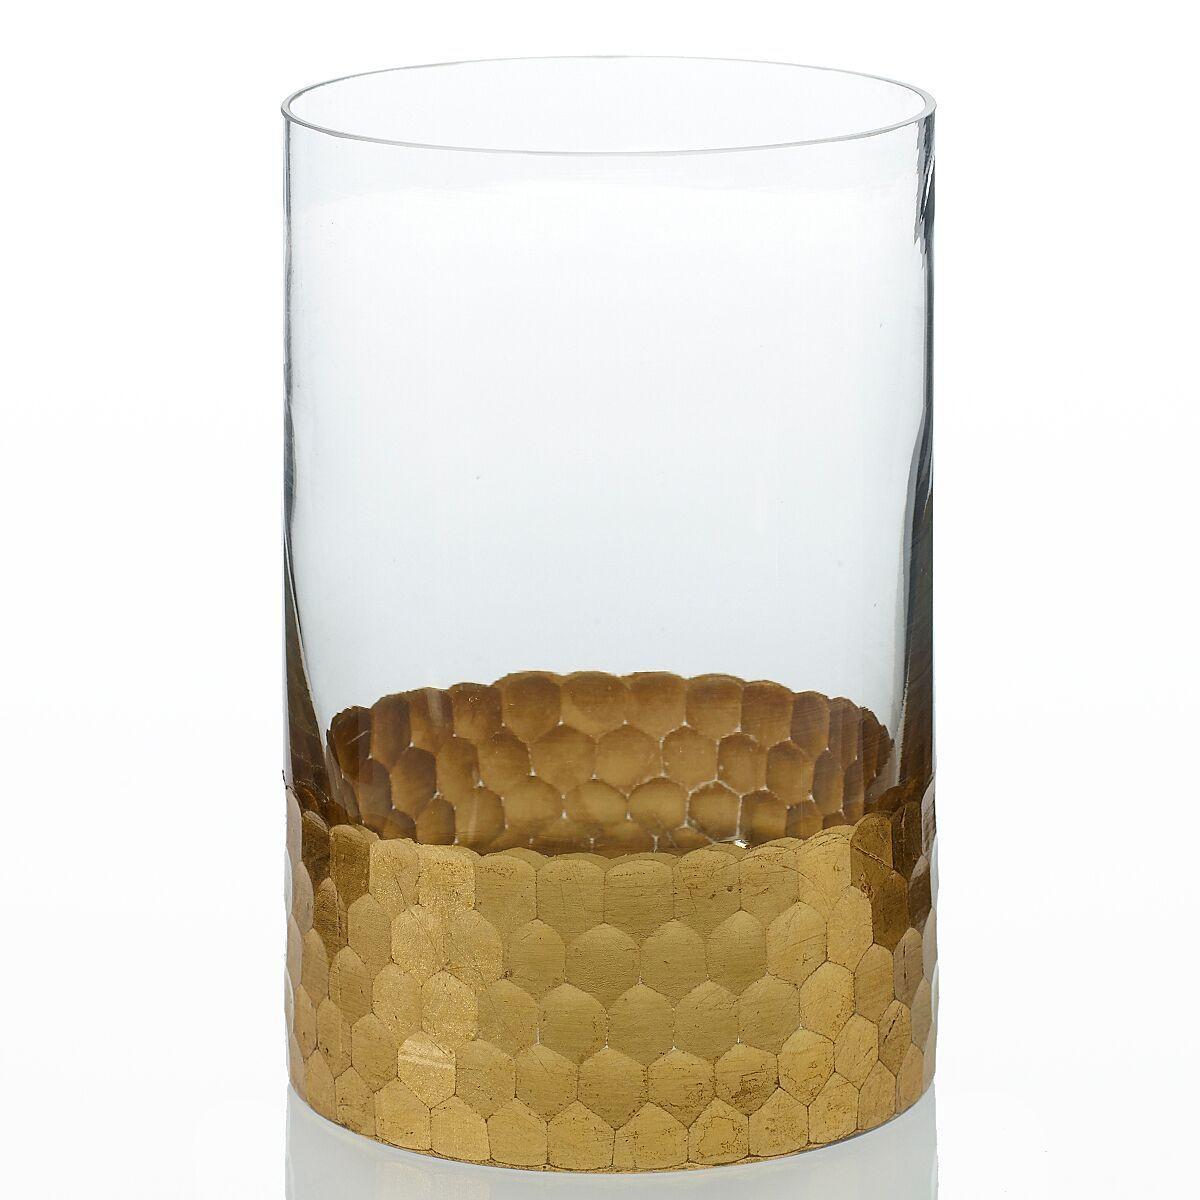 large glass cylinder vase centerpiece candle holder of elsa glass floral vase with gold detail 4in wide x 6in tall inside elsa glass floral vase with gold detail 4in wide x 6in tall